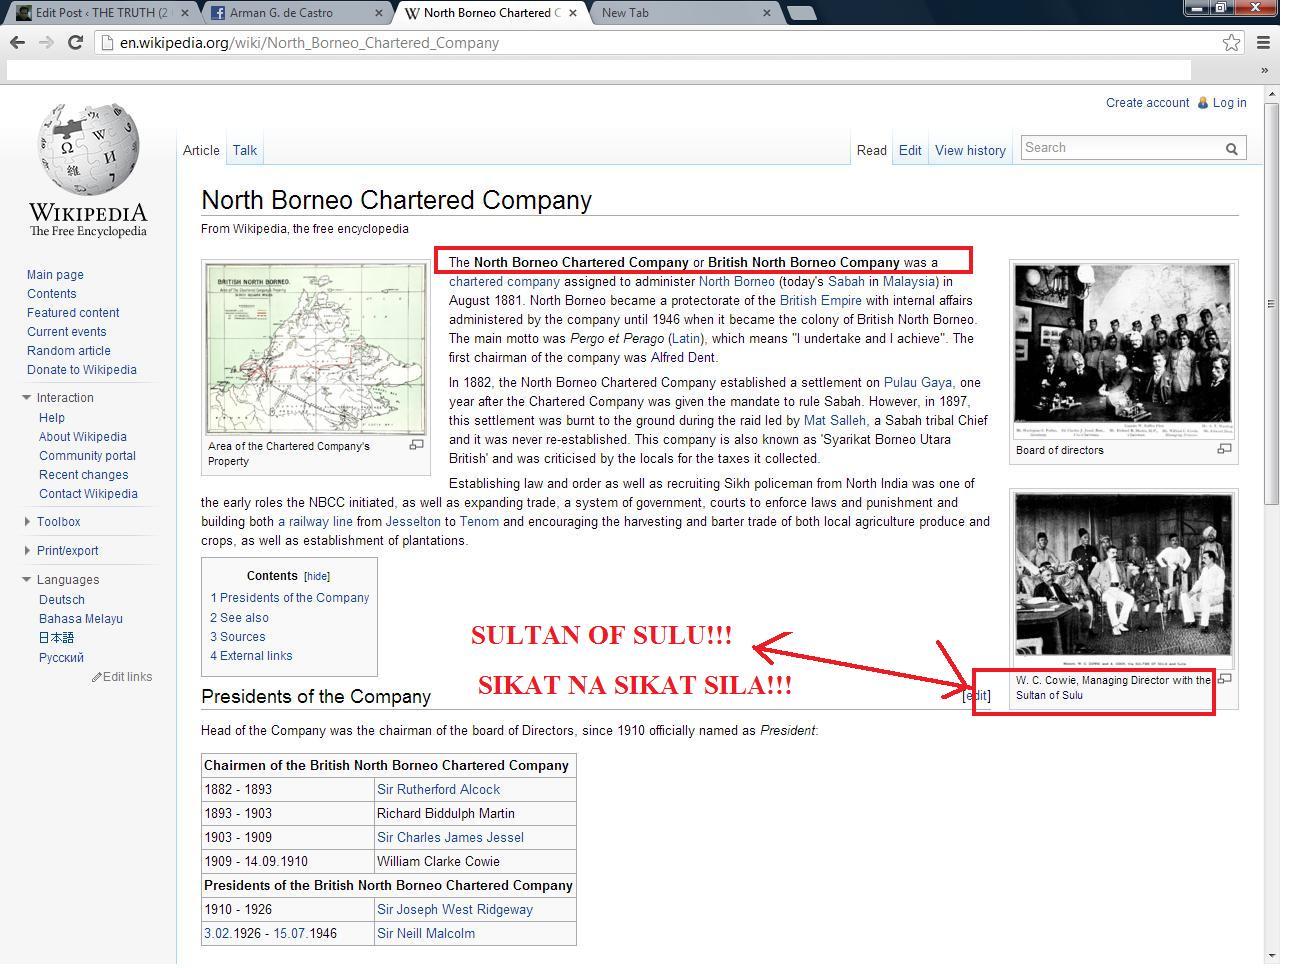 filipino people and north borneo company